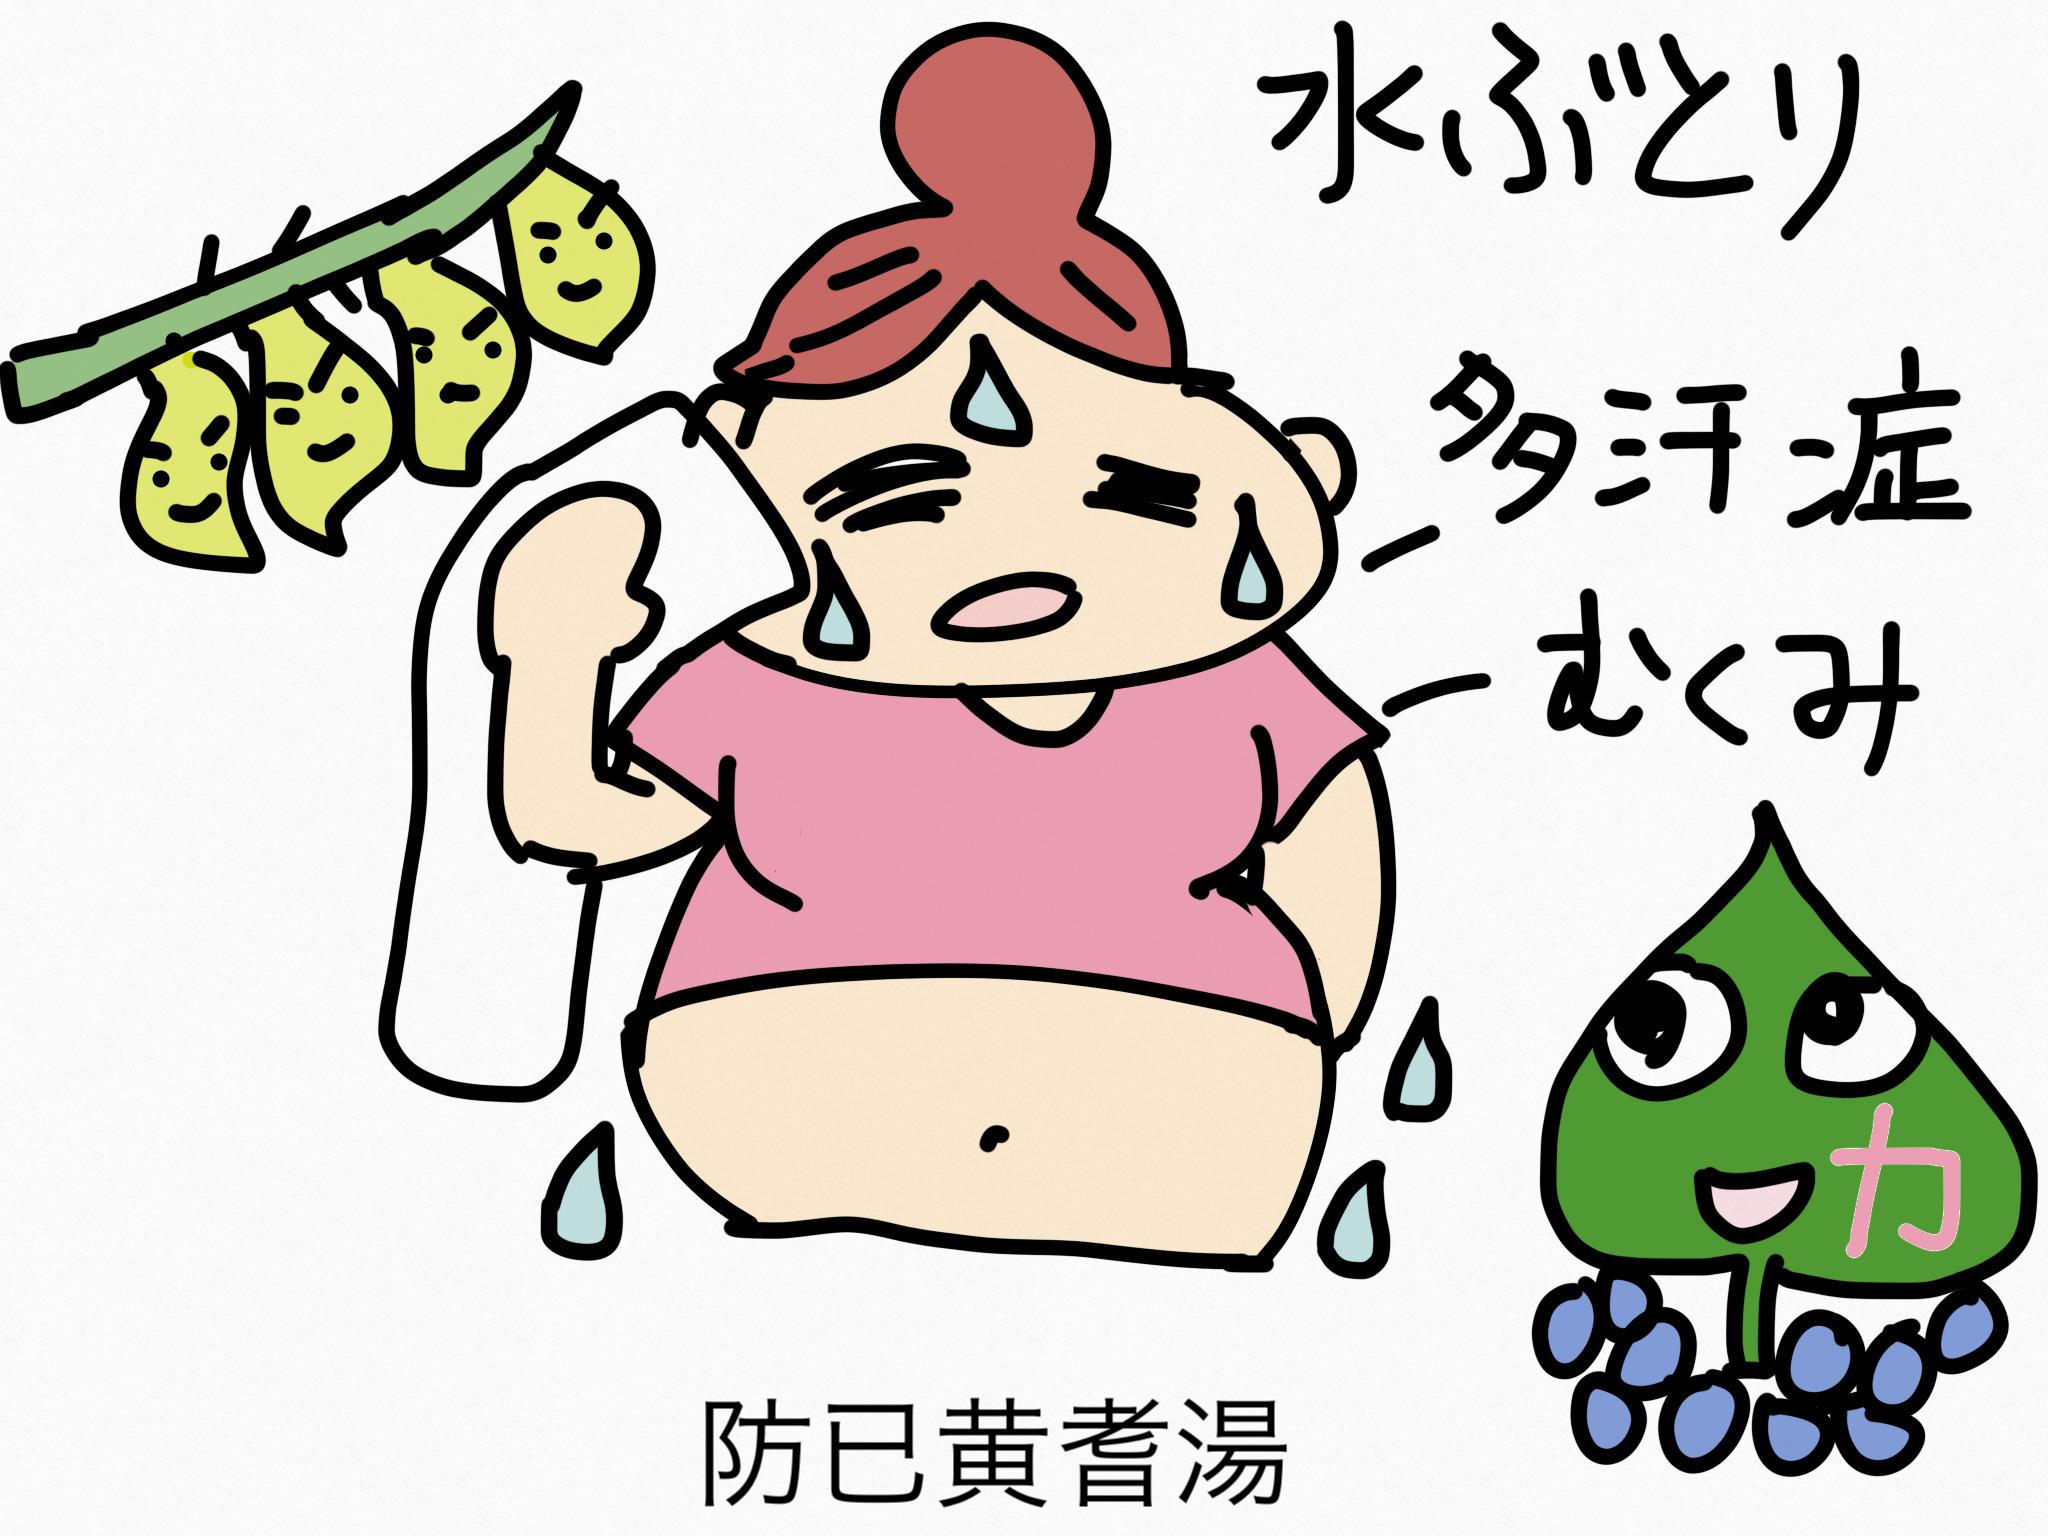 防已黄耆湯(ぼういおうぎとう)[肥満症]【漢方の覚え方】